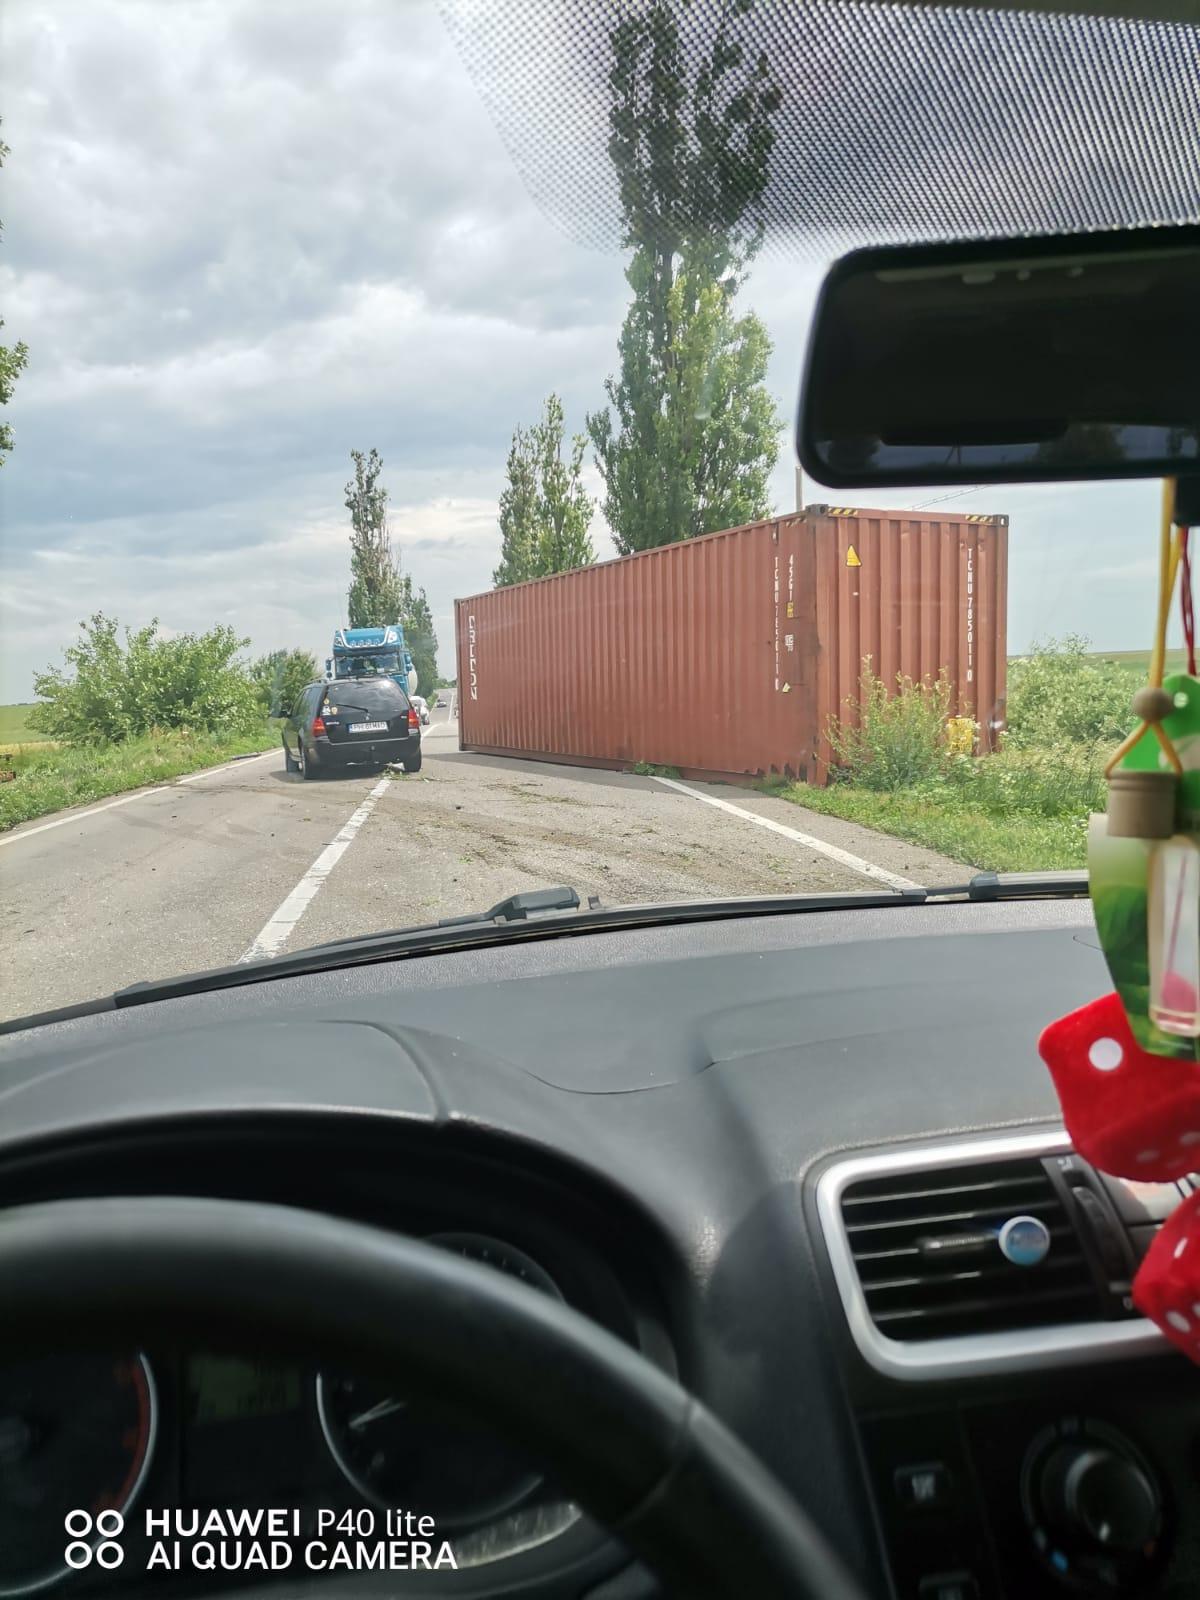 Trafic îngreunat pe DN1D, la ieșire din Prahova spre Ialomița, în comuna Adâncata. Un container s-a răsturnat pe carosabil